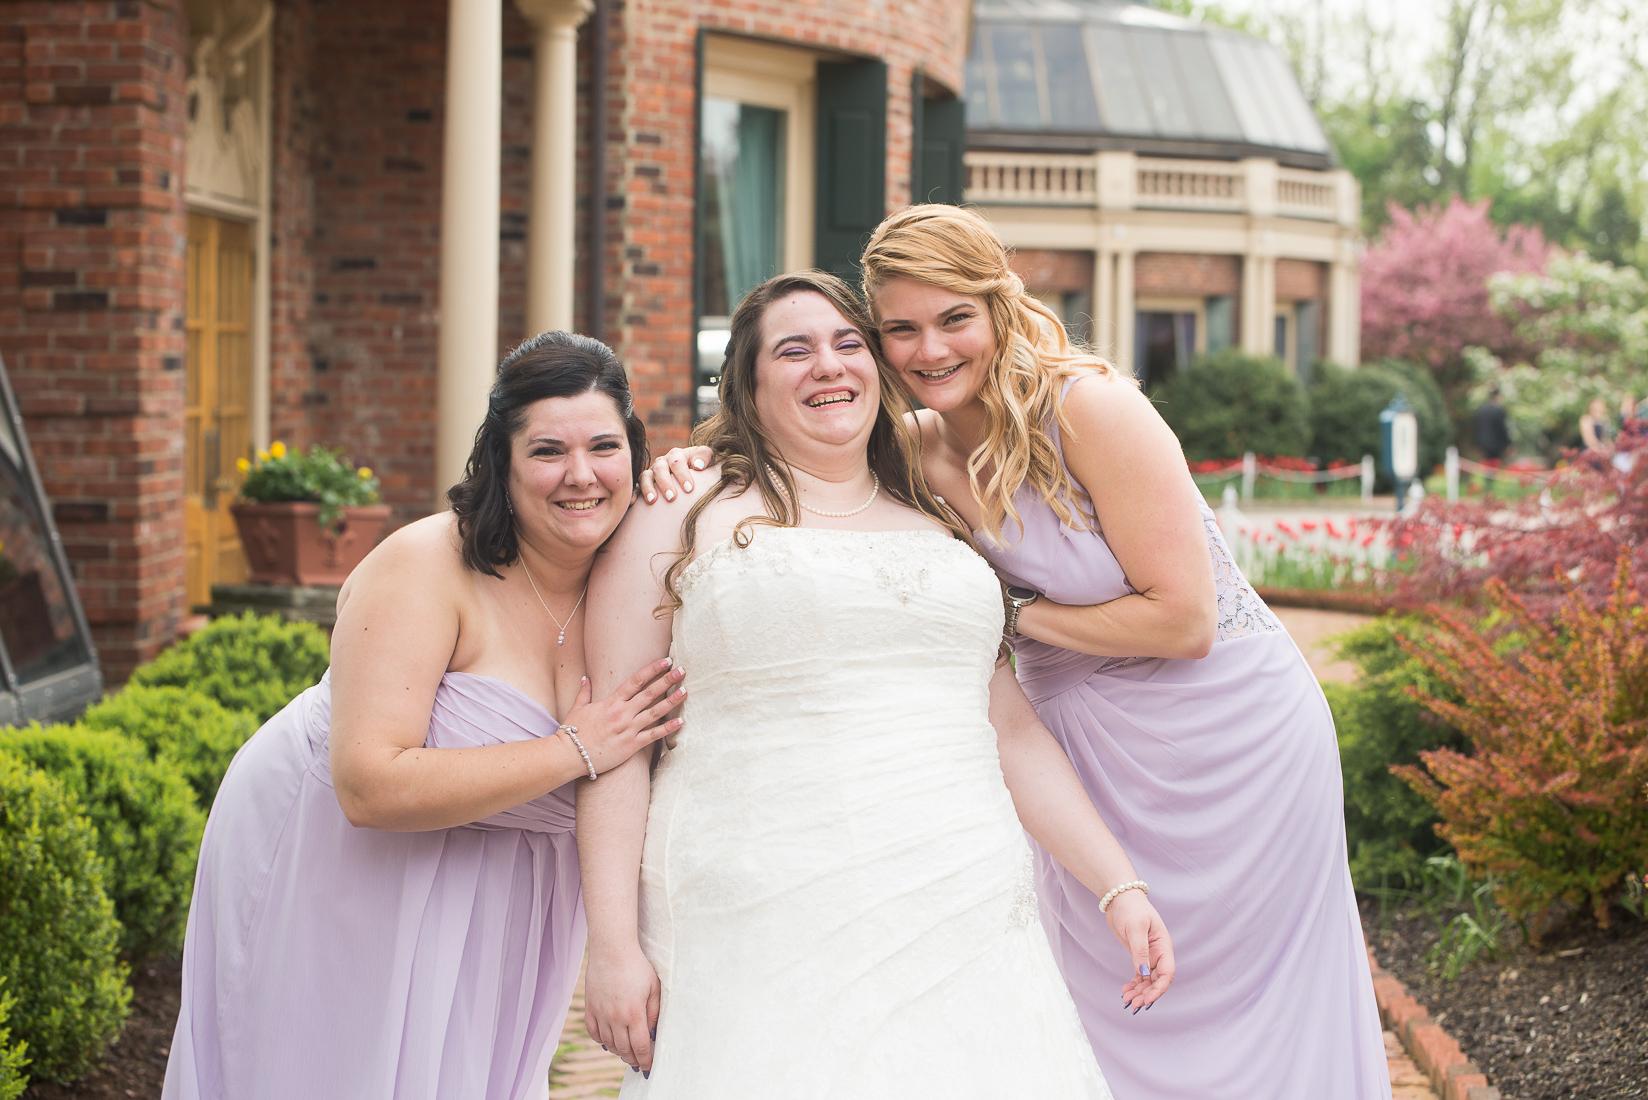 Manor-SouthOrange-NJ-wedding-0014.jpg